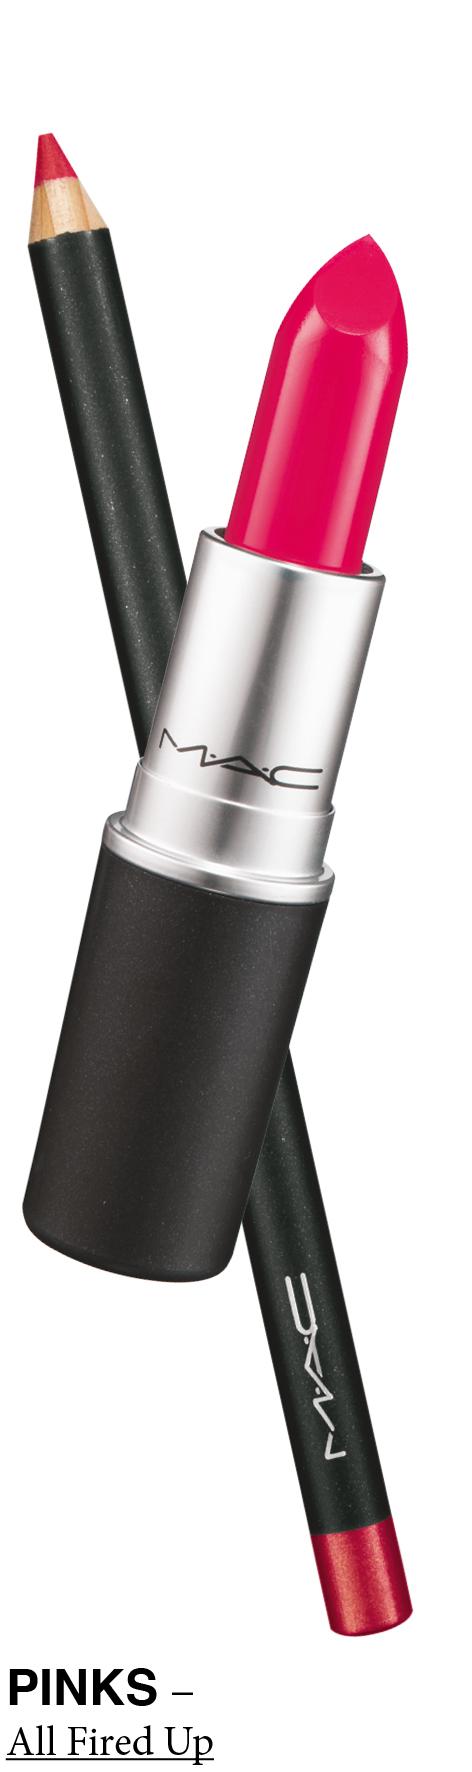 MAC Lip Kits PINKS All Fired Up